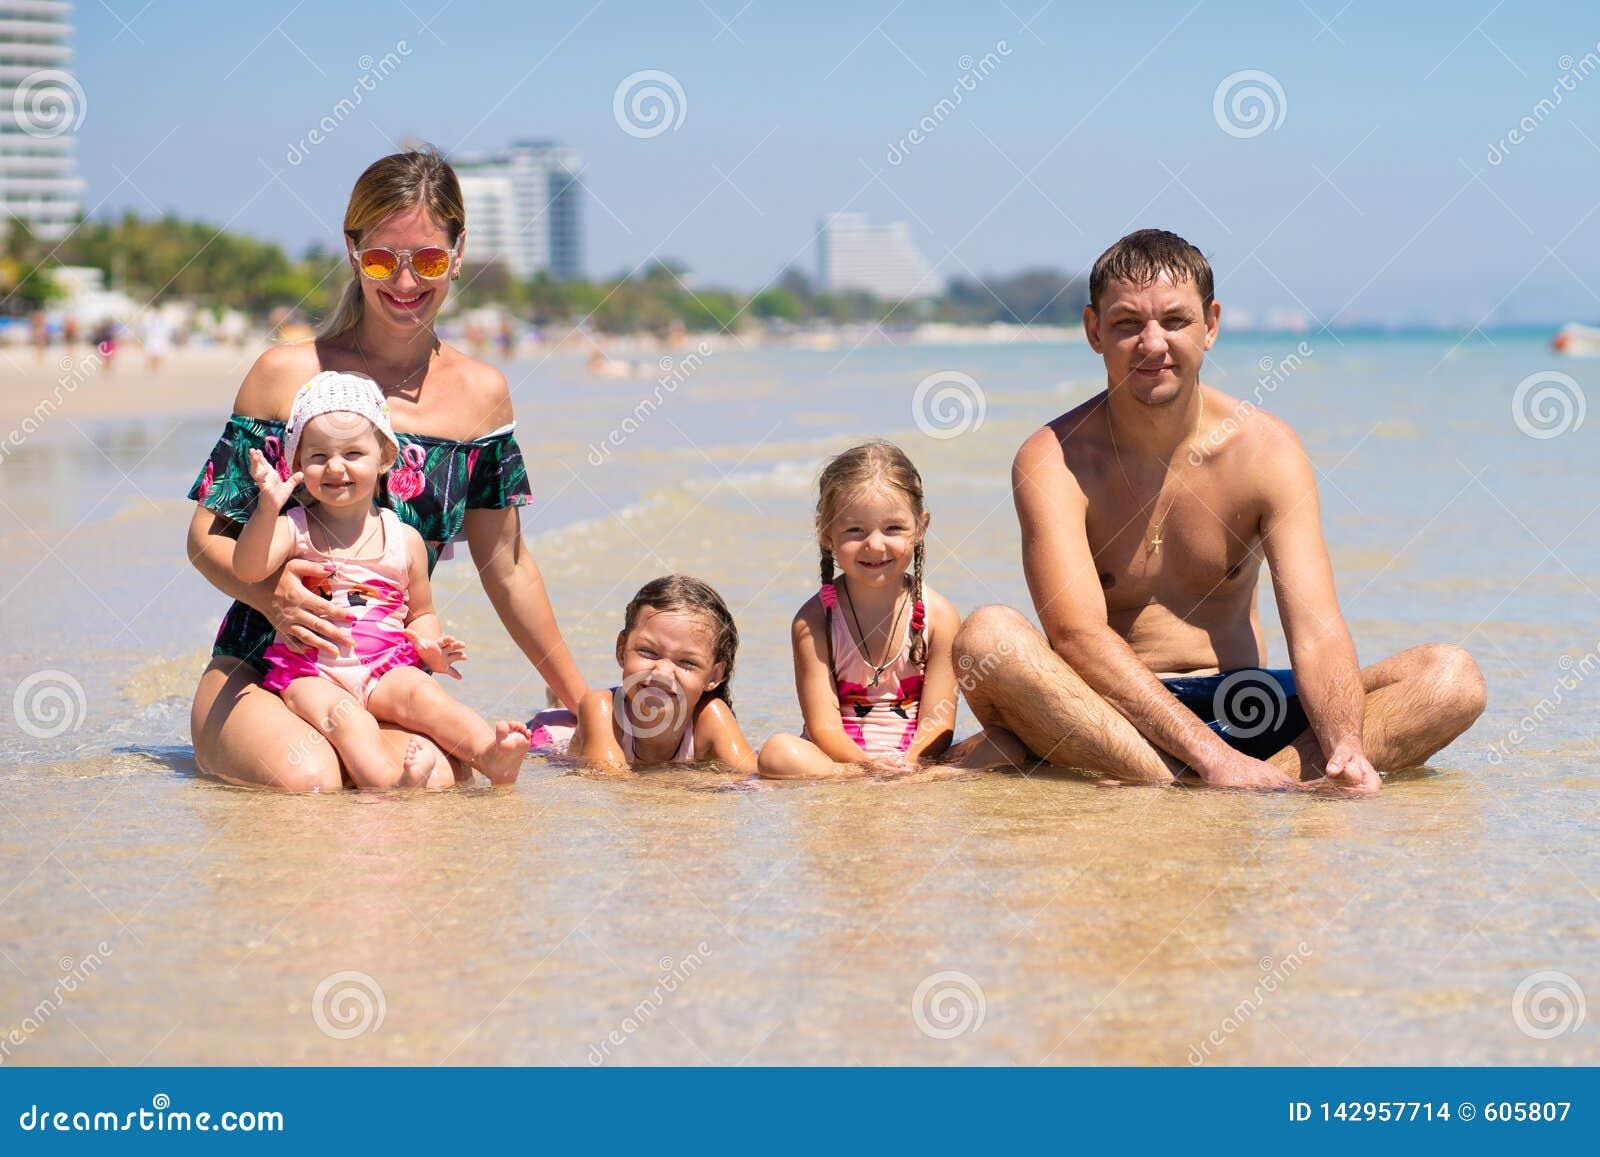 Η μεγάλη ευτυχής οικογένεια έχει τη διασκέδαση στην παραλία έννοια μιας μεγάλης οικογένειας εν πλω Μόδα παραλιών